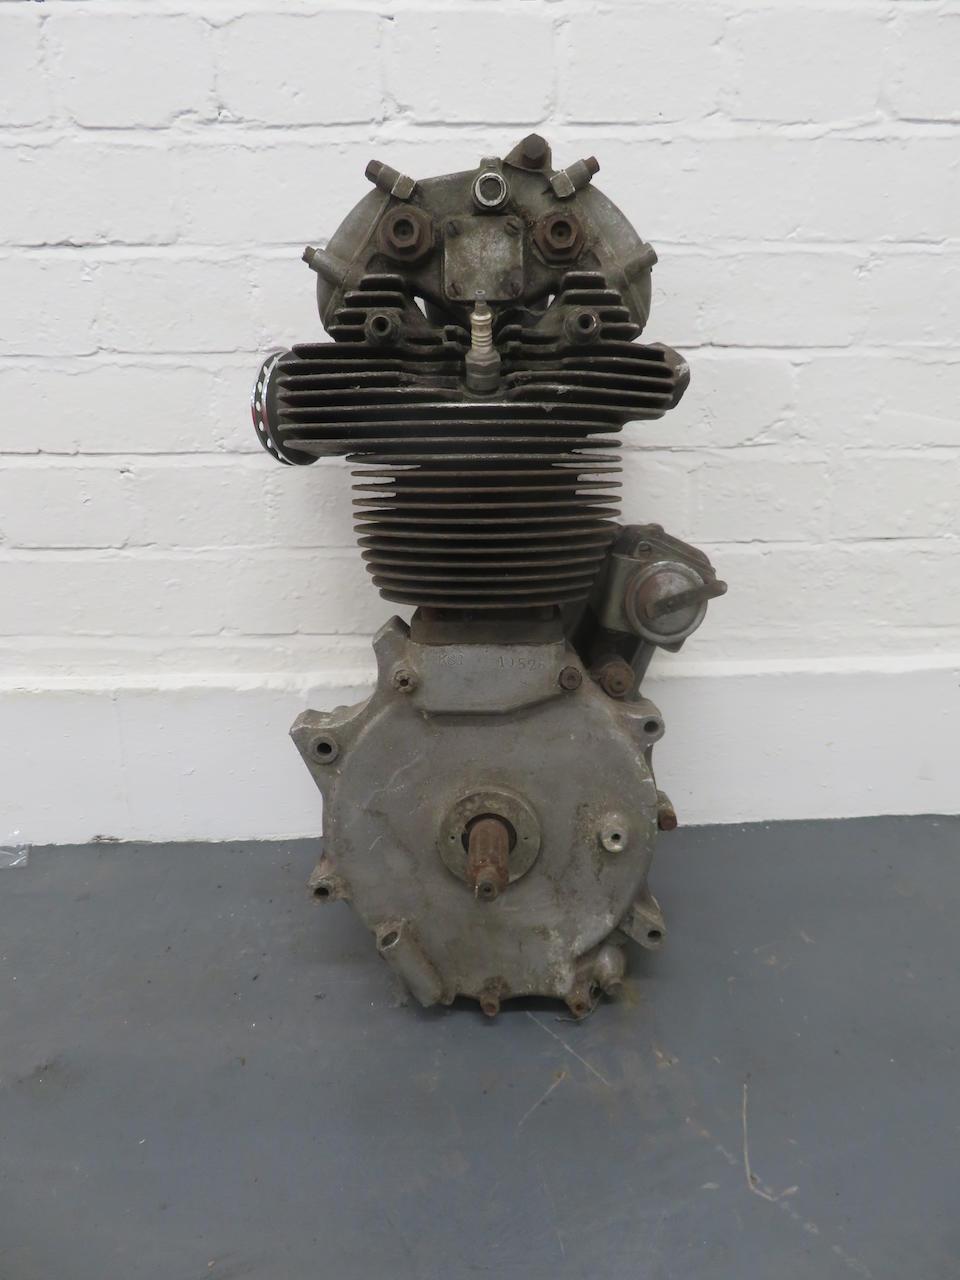 A Velocette KSS engine